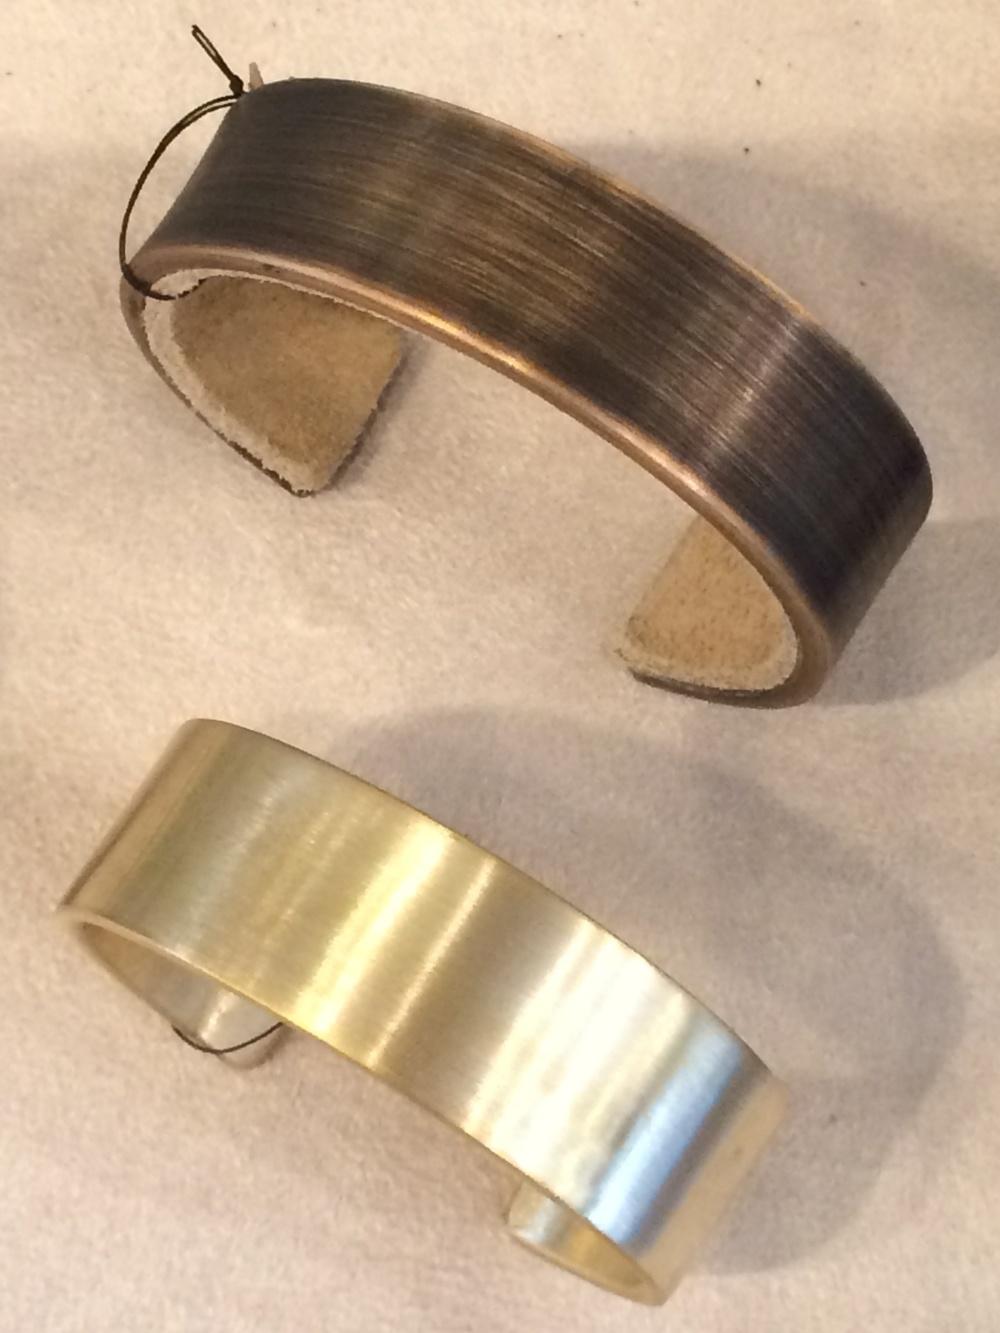 Marmol Radziner cuffs